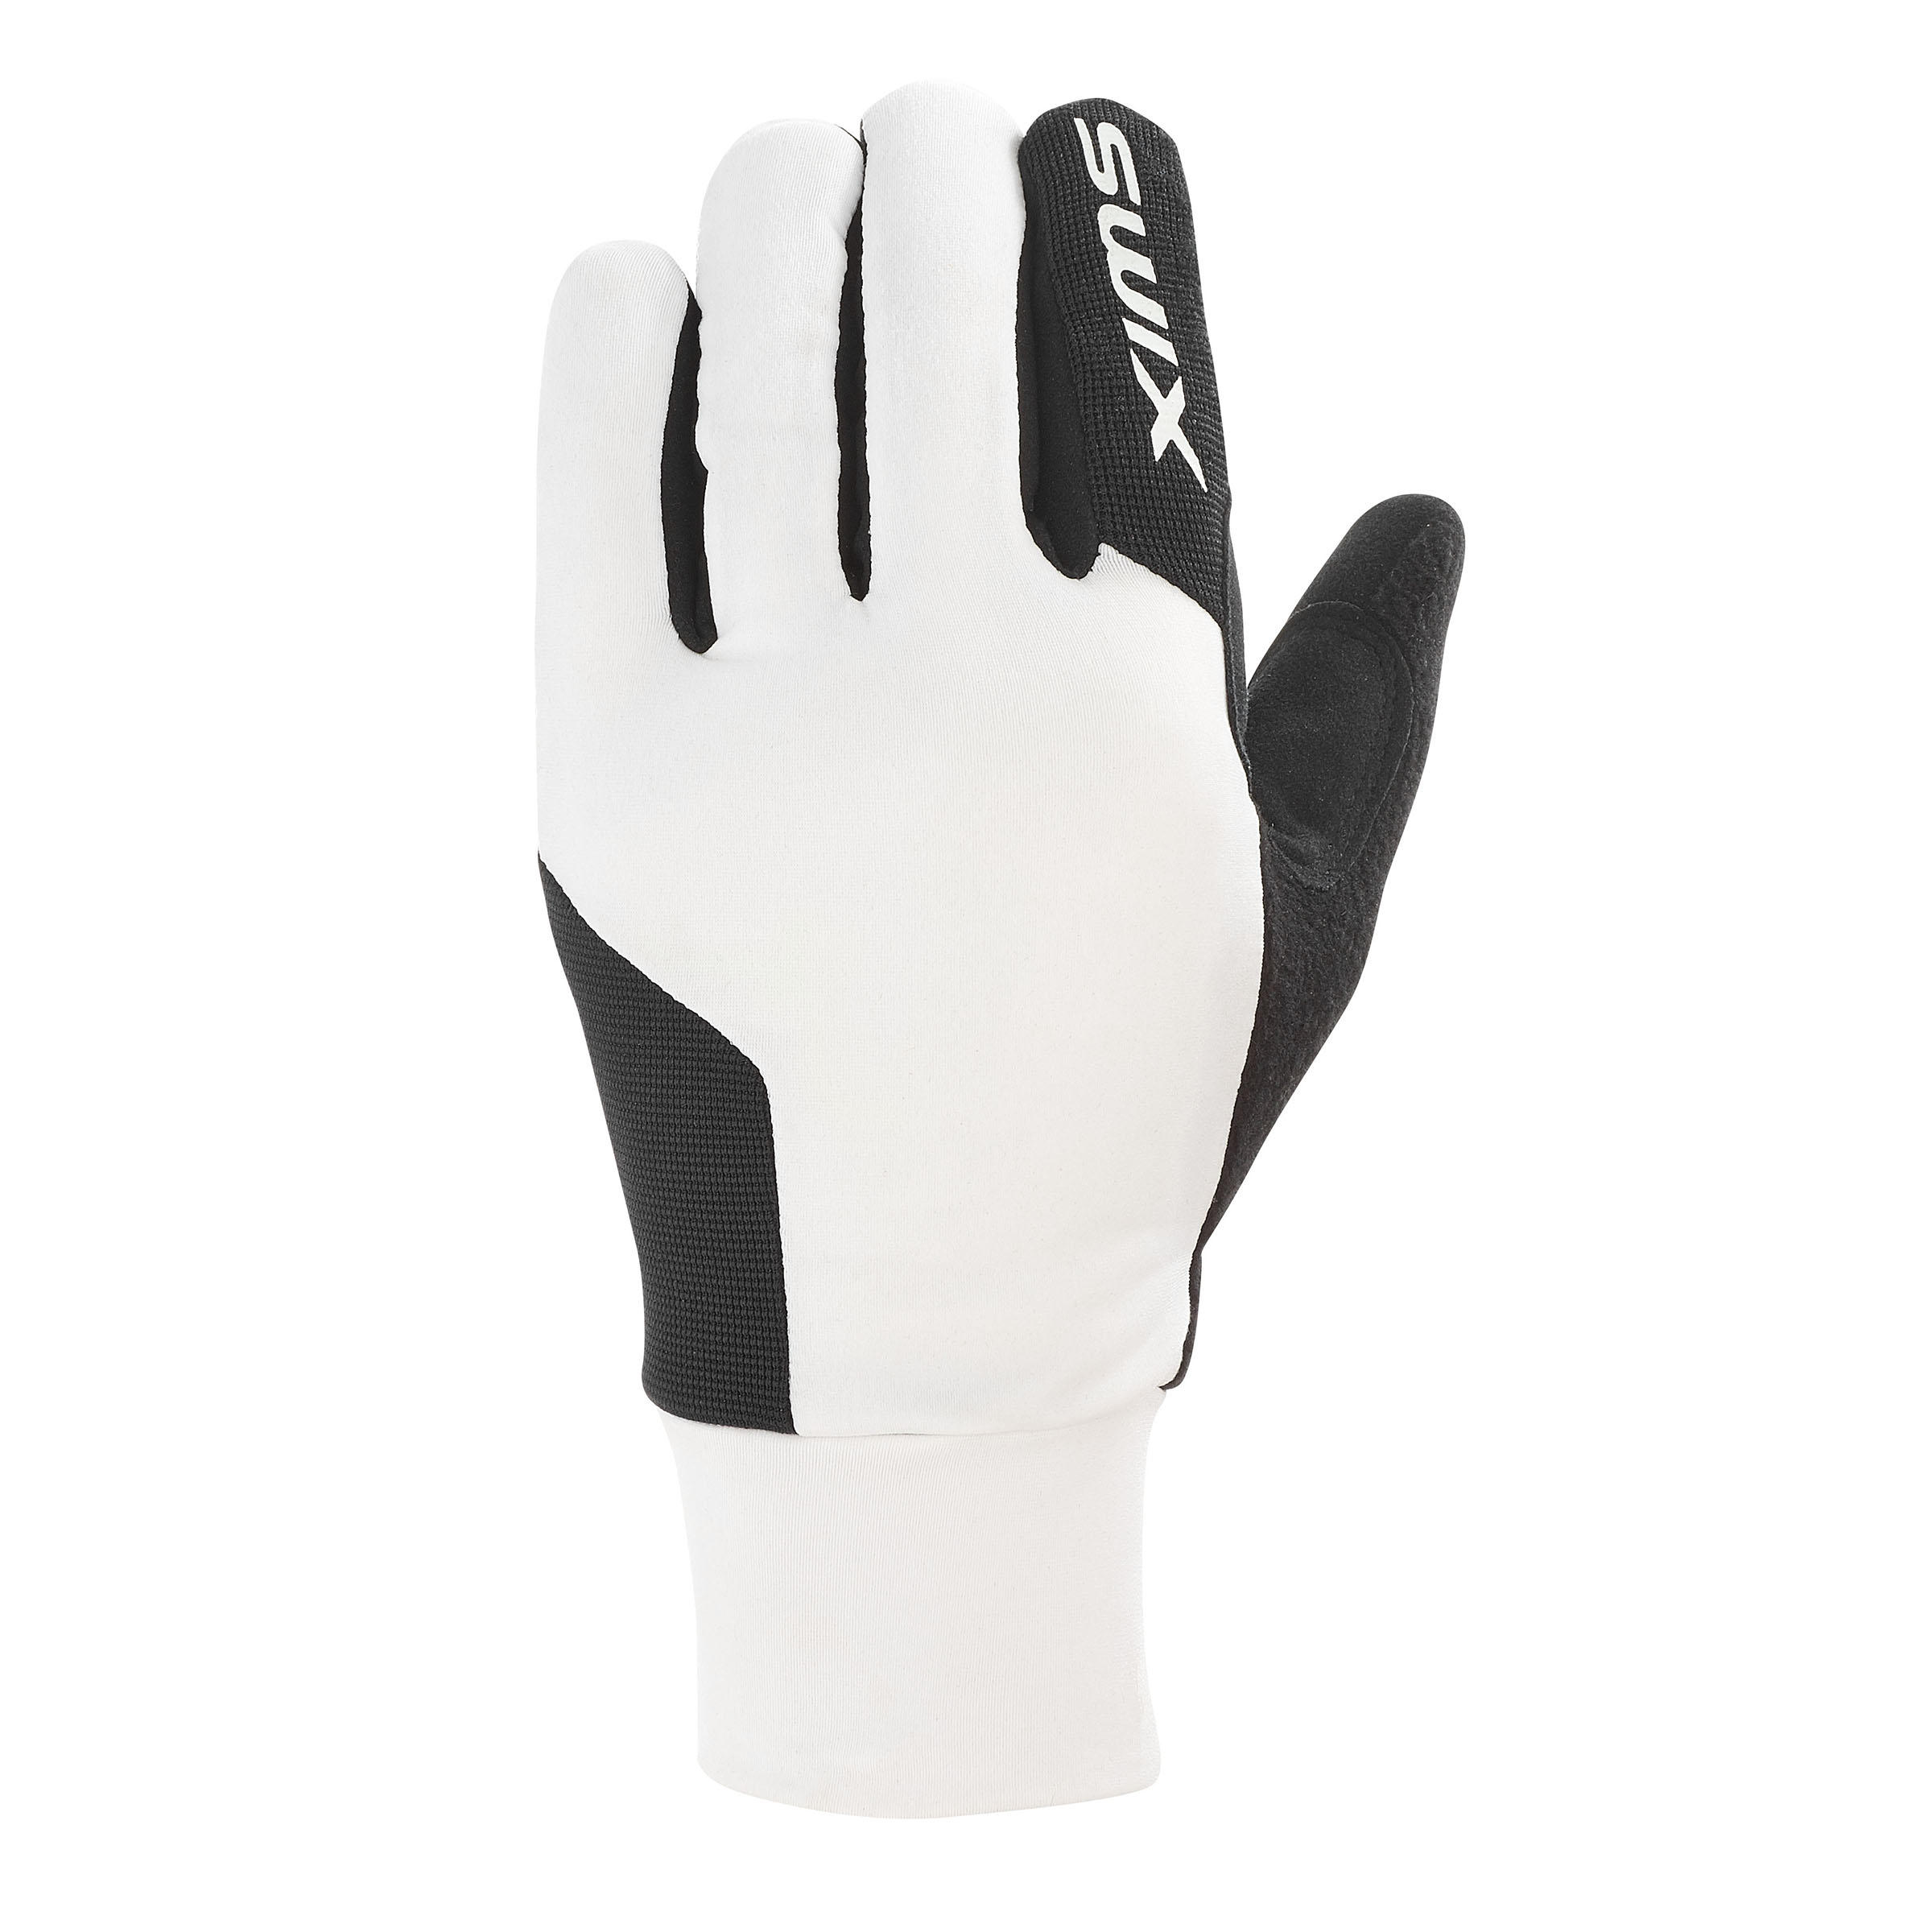 Swix Handschoenen Lynx voor dames, voor recreatief langlaufen wit